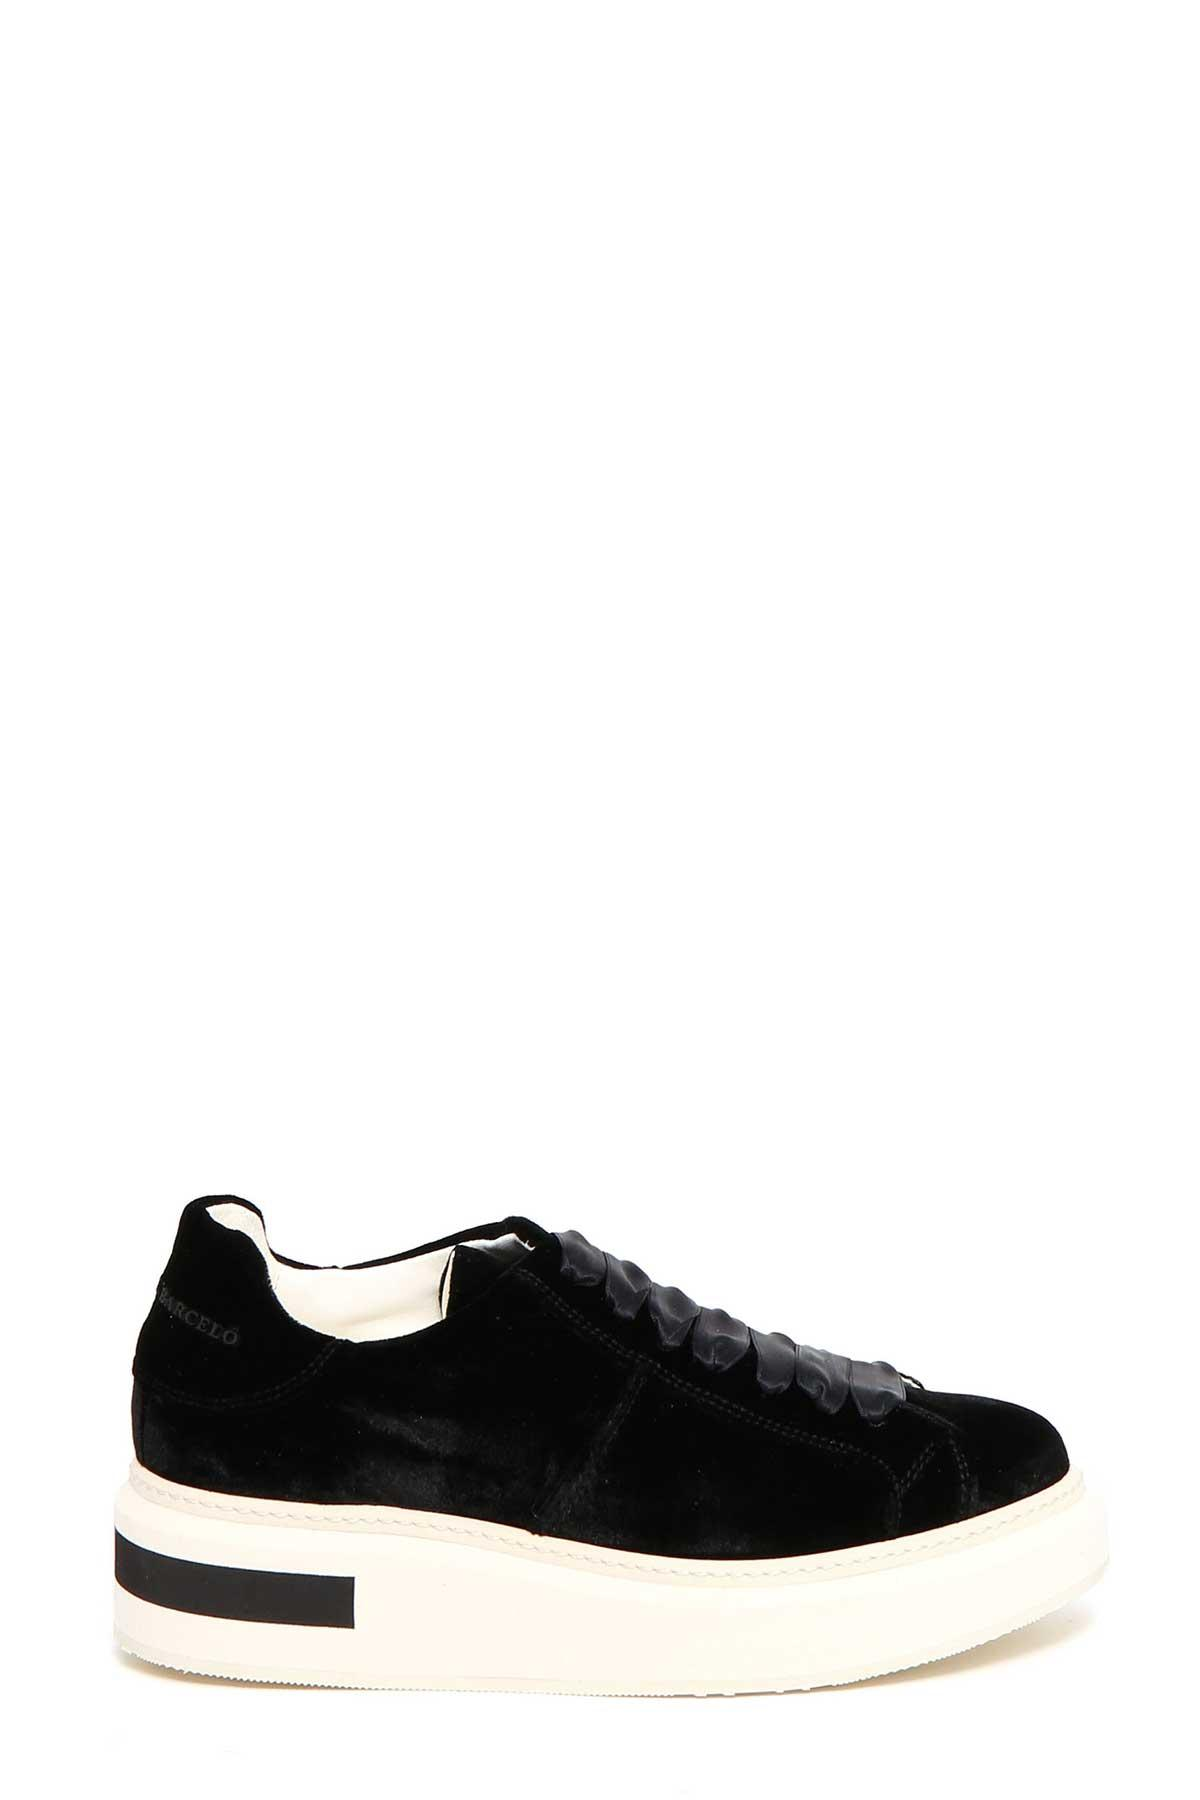 Manuel BarcelÒ Velvet Sneaker In Nero